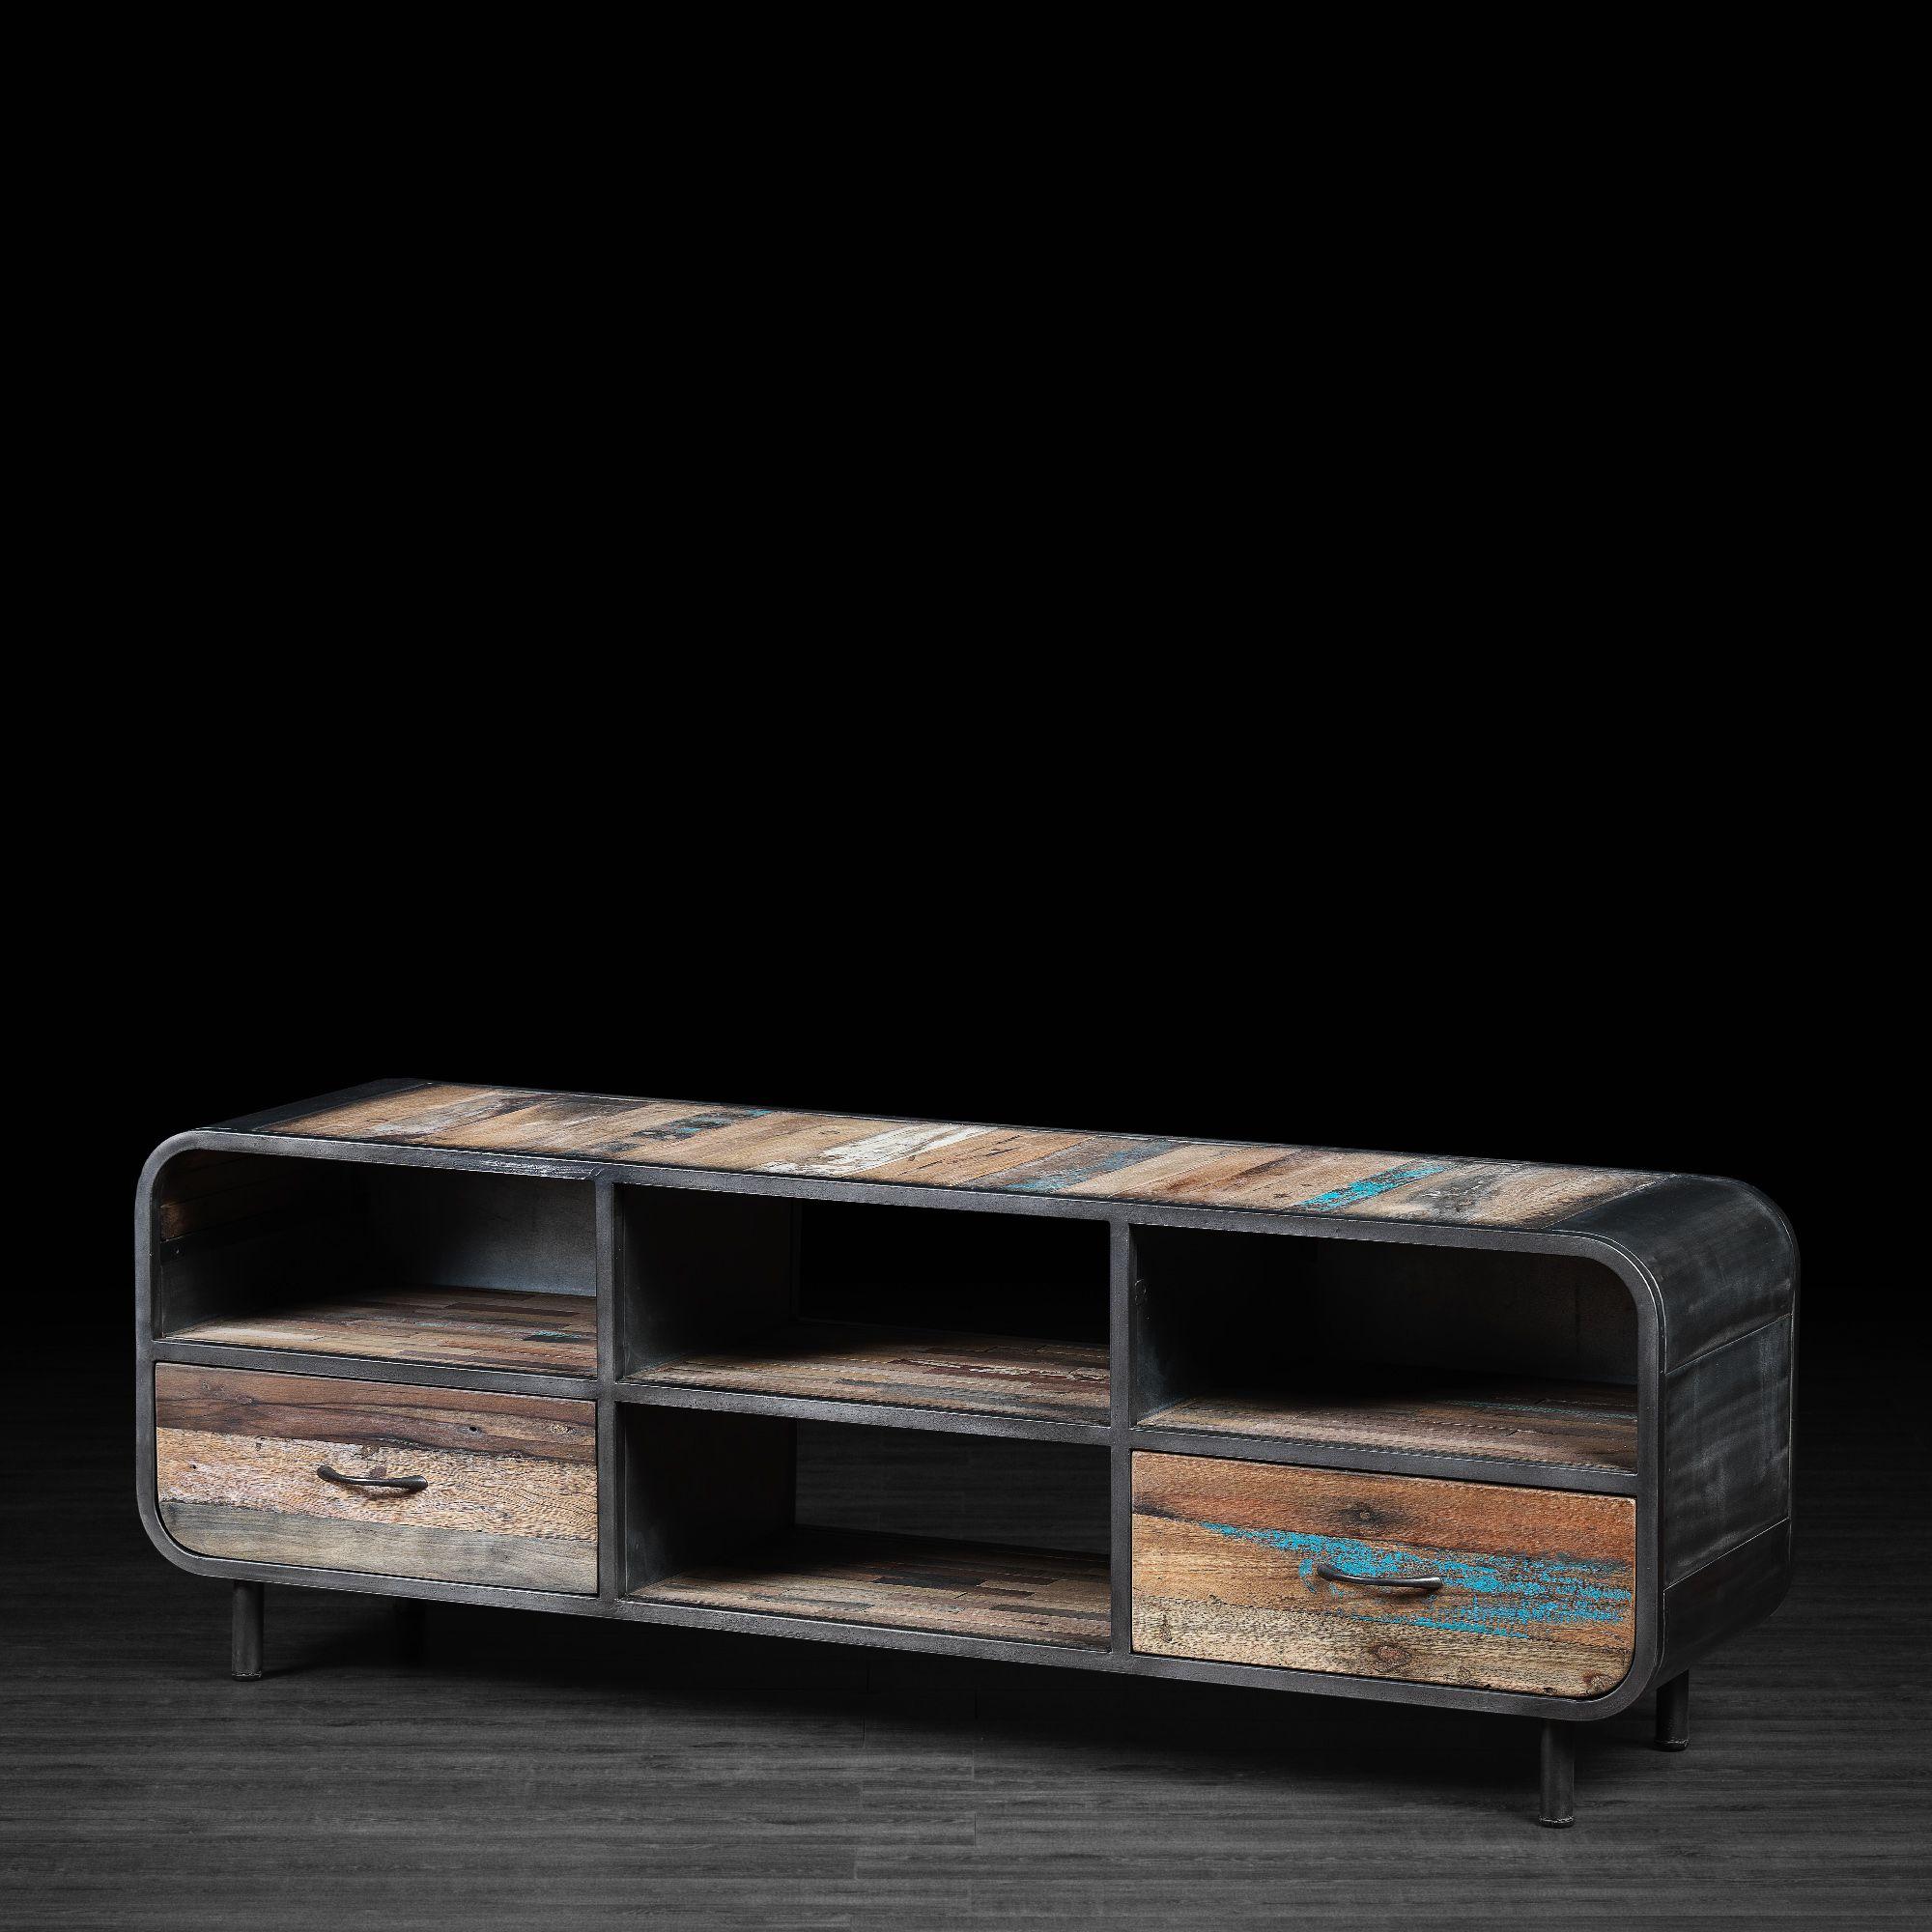 Meuble télévision 2 tiroirs en métal et bois recyclé de vieux